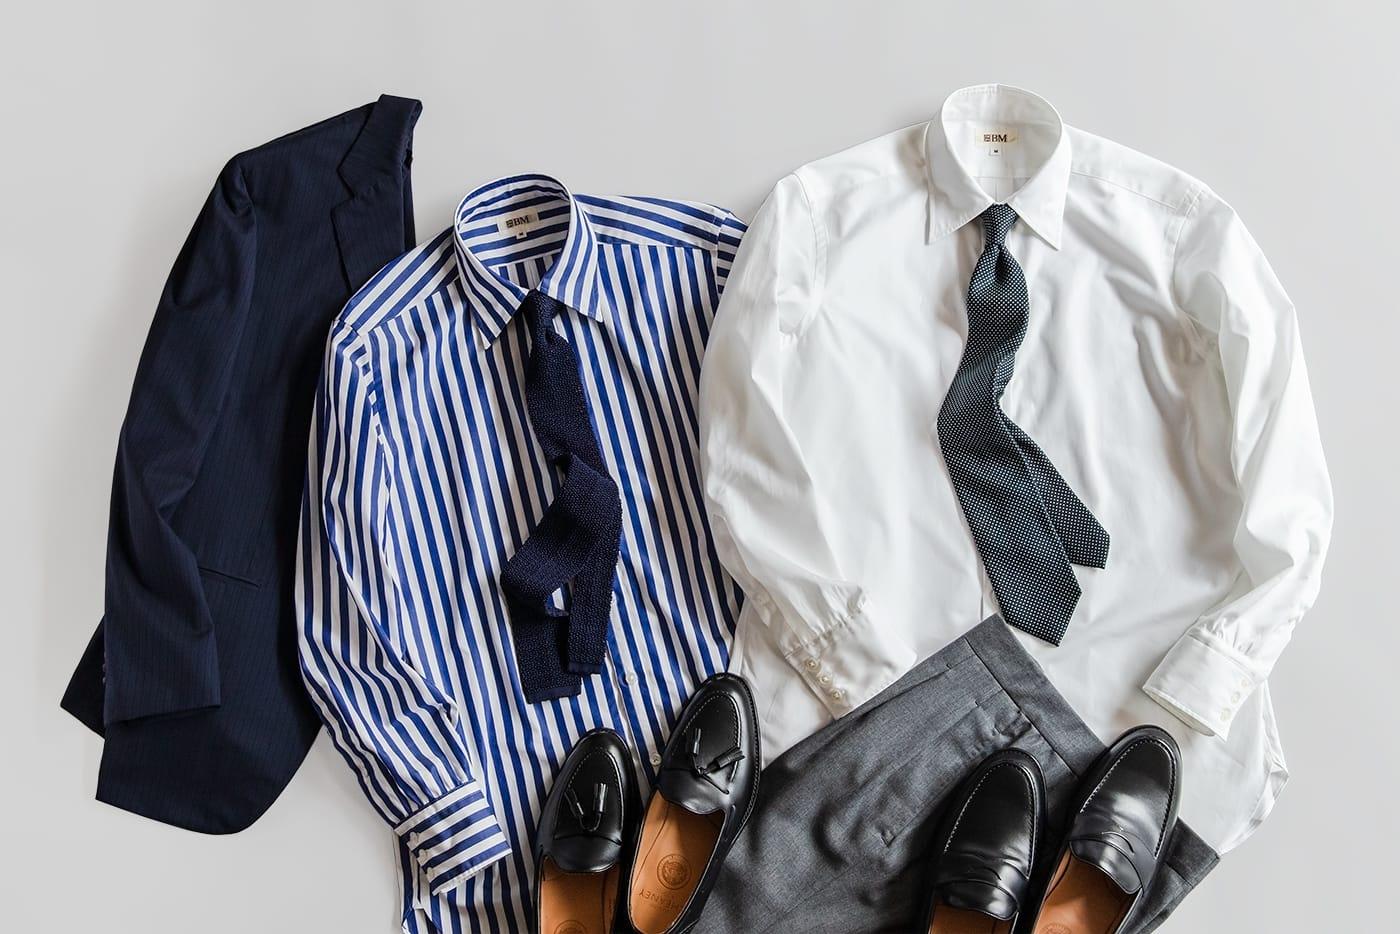 ドレスシャツ「ロンドン」 オンオフがシームレス化する今のライフスタイルに最適な一着